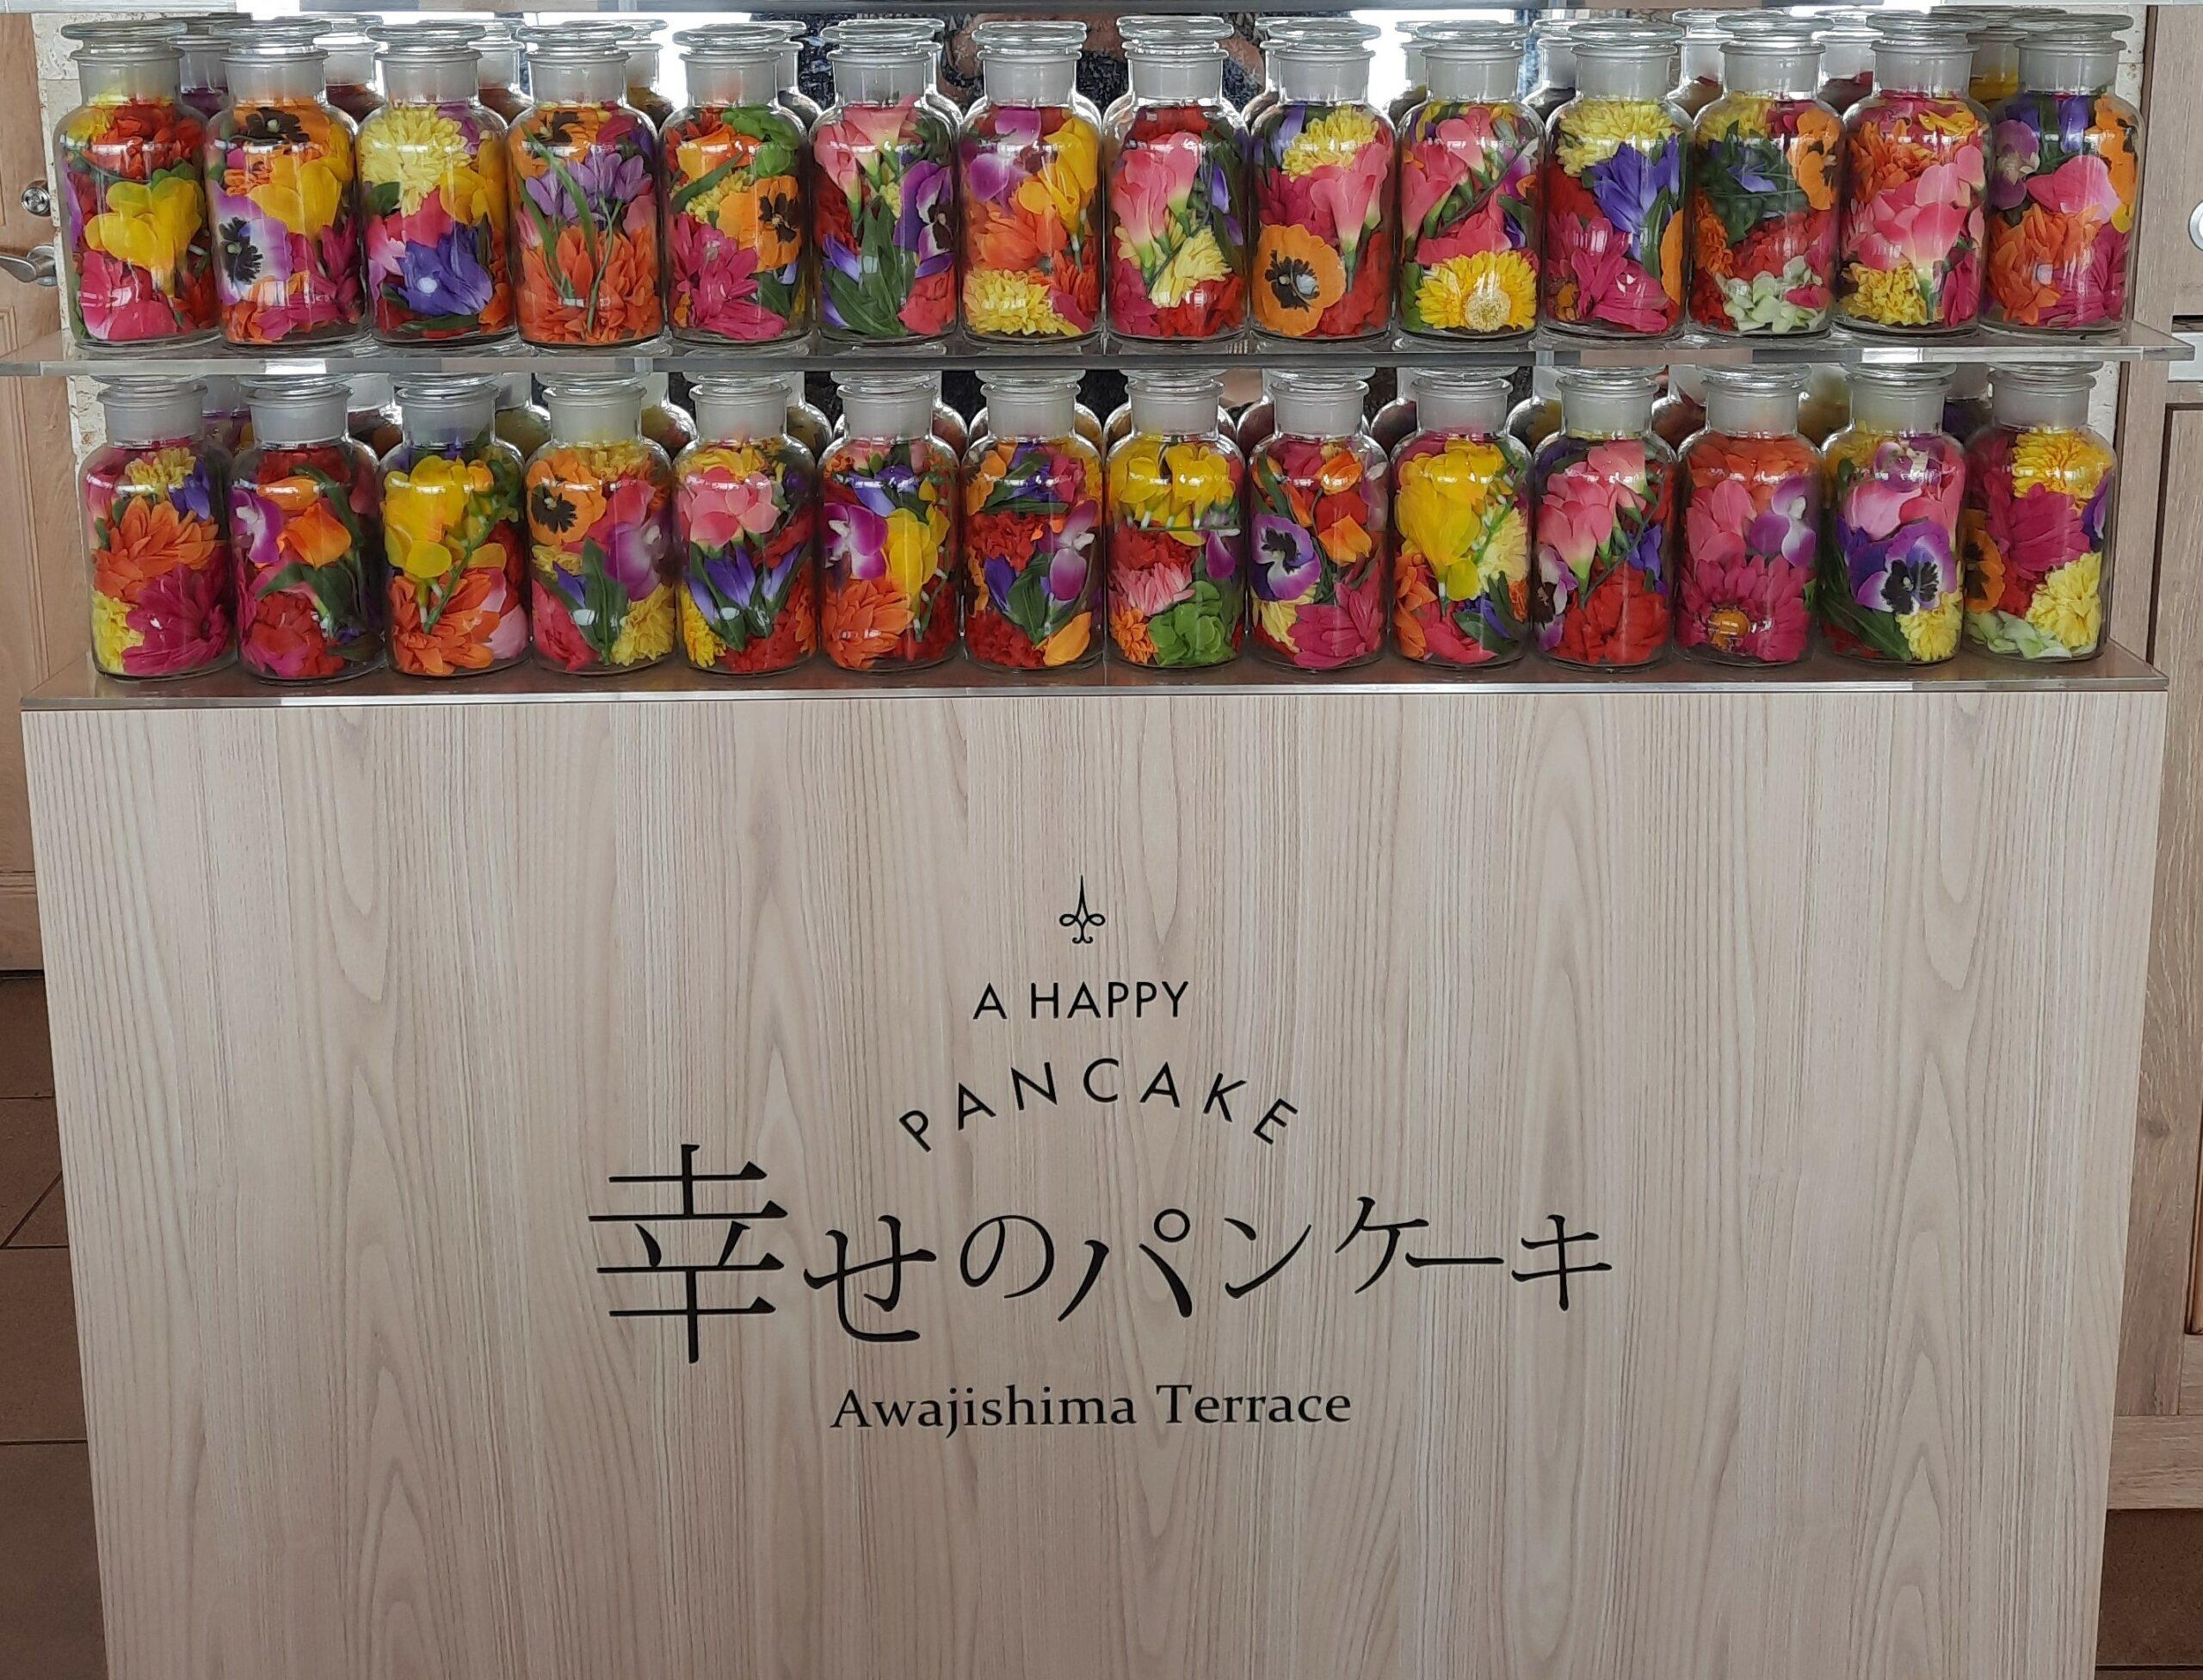 Shiawase no Pancake auf Awaji